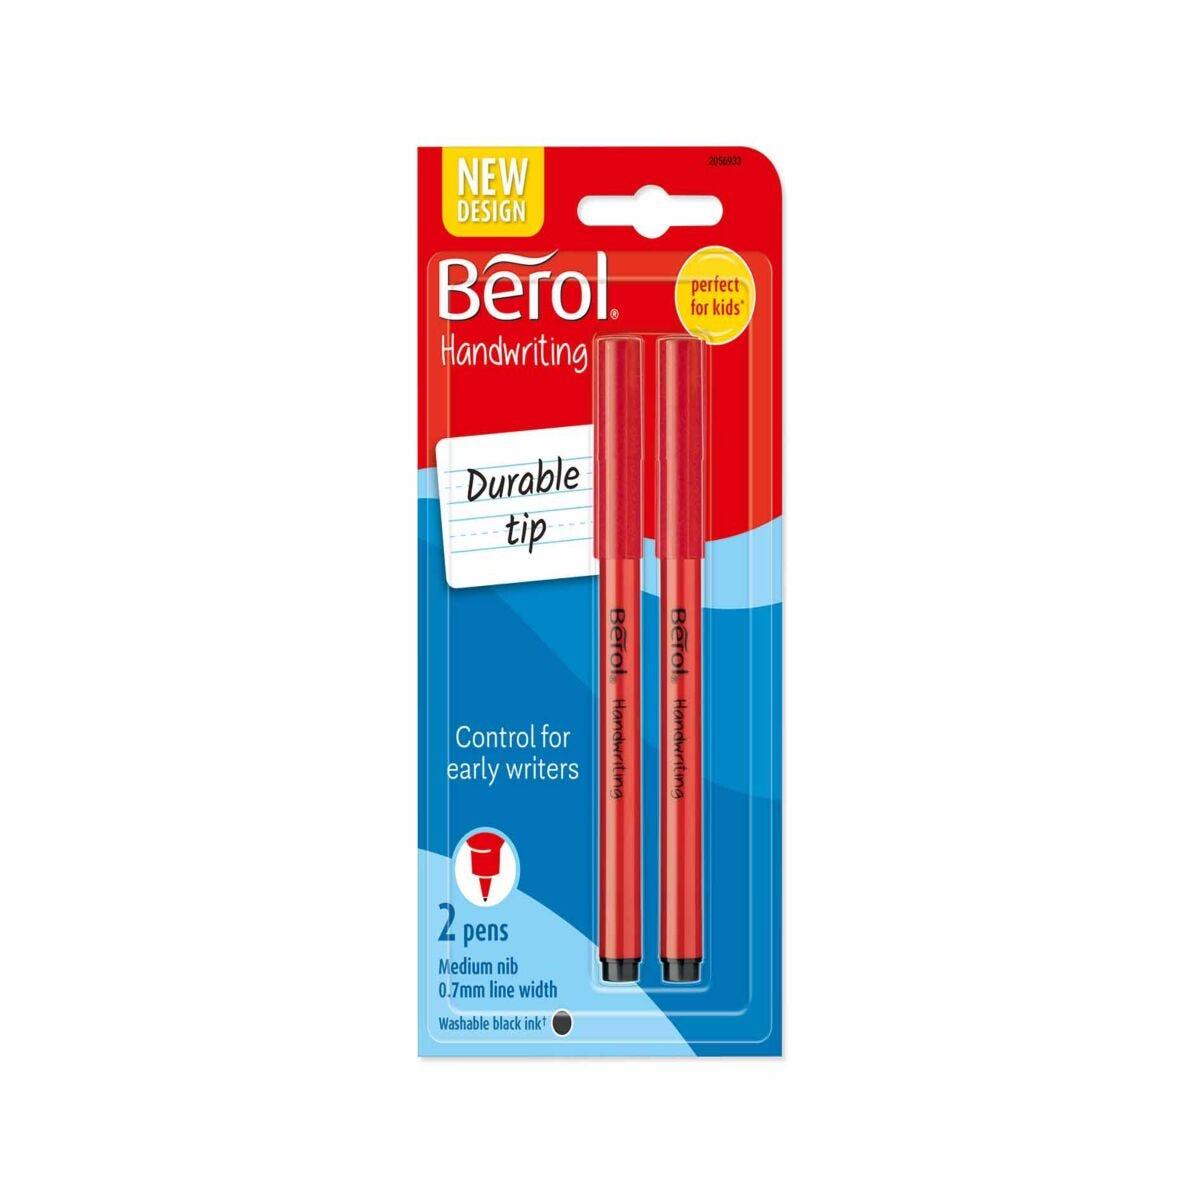 Berol Handwriting Pen Pack of 2